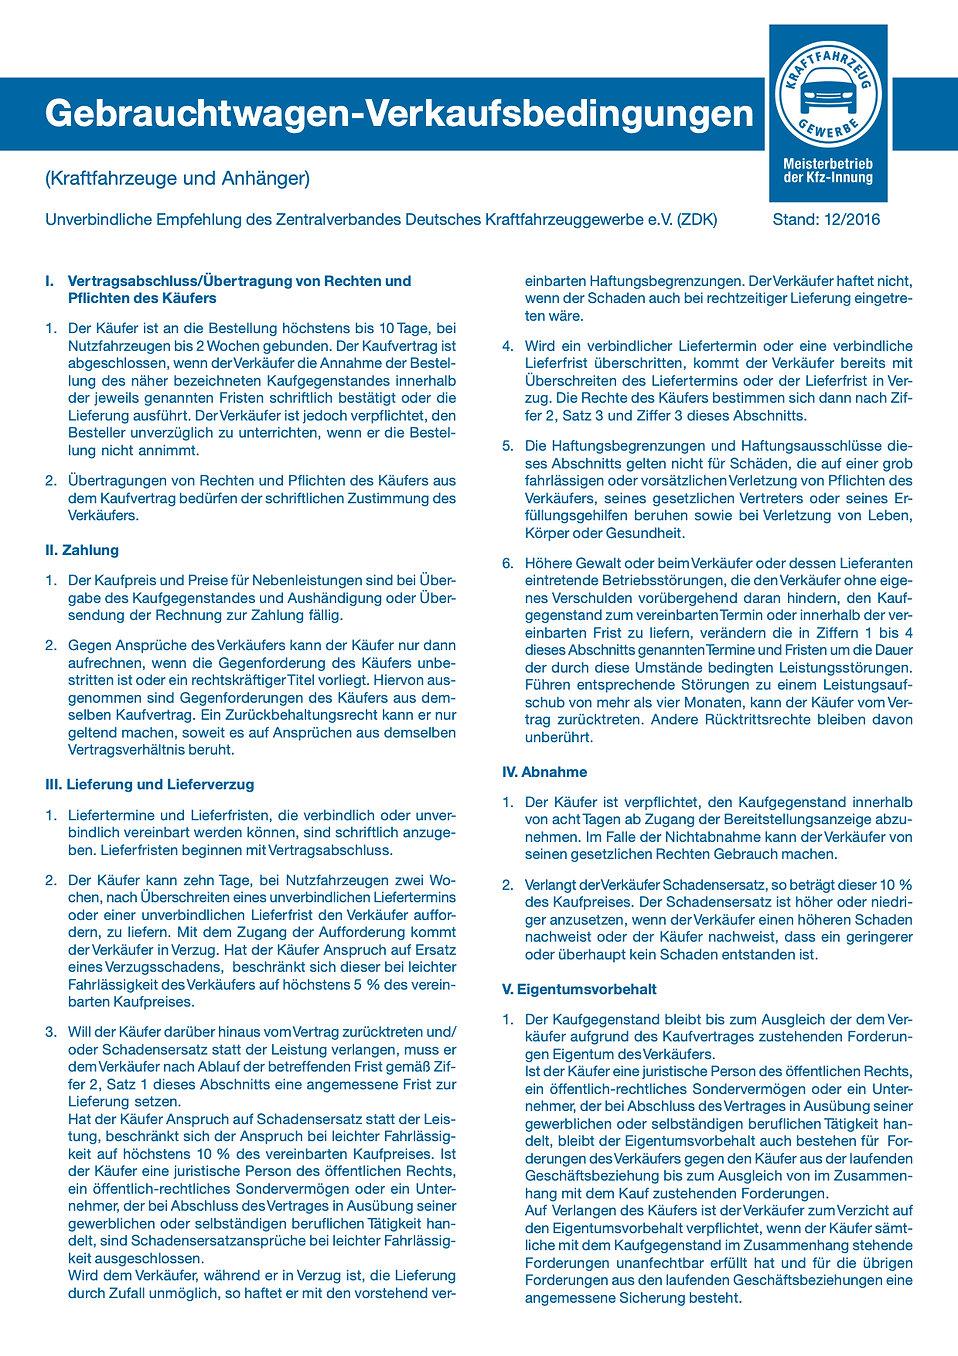 Gebrauchtwagenverkaufsbedingungen_12.201